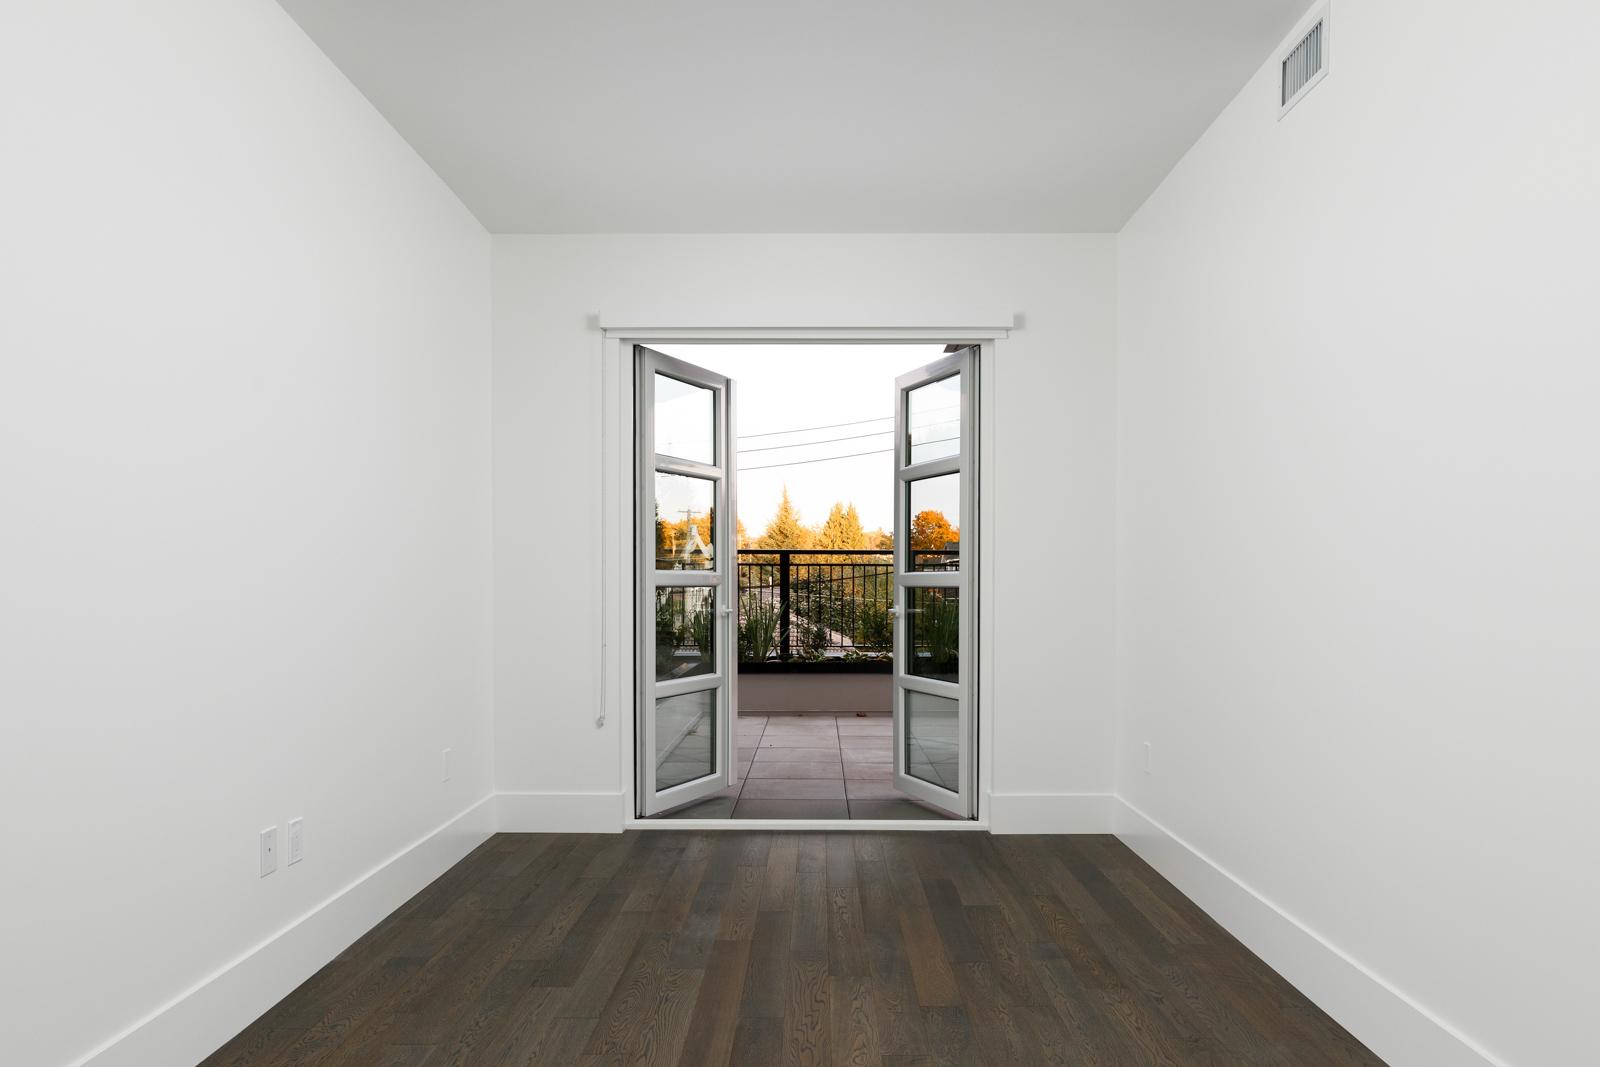 Bedroom with open windowed doors onto patio in rental property in The Kirkland building in Kerrisdale Vancouver